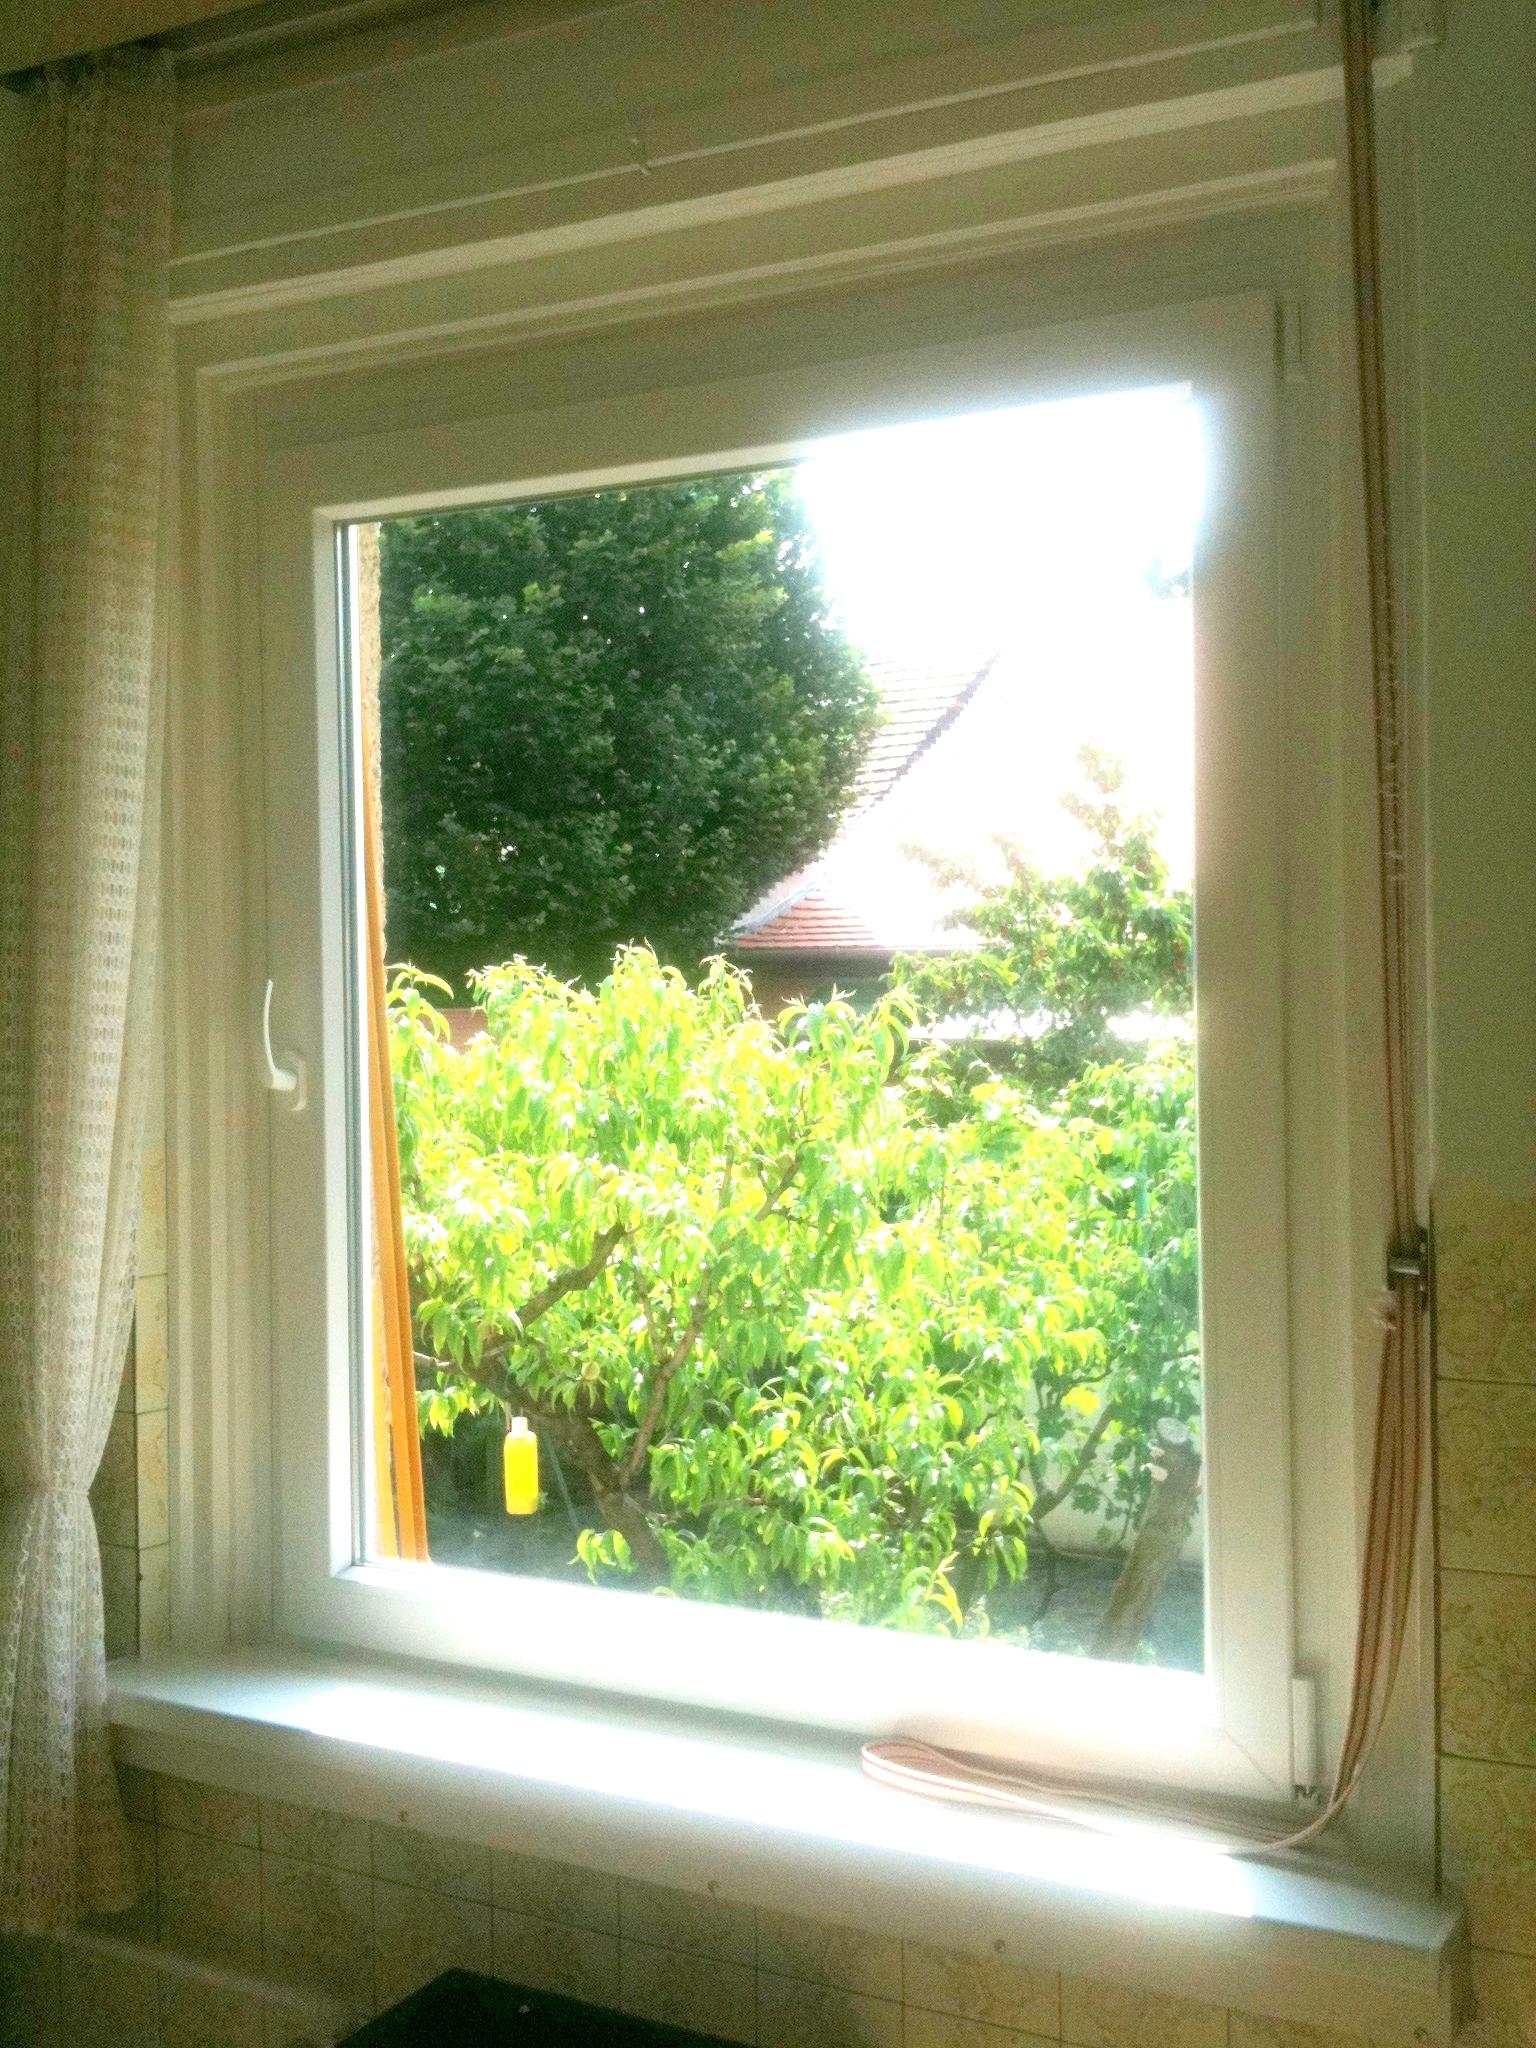 Ablakcsere bontás nélkül: előnyök és hátrányok